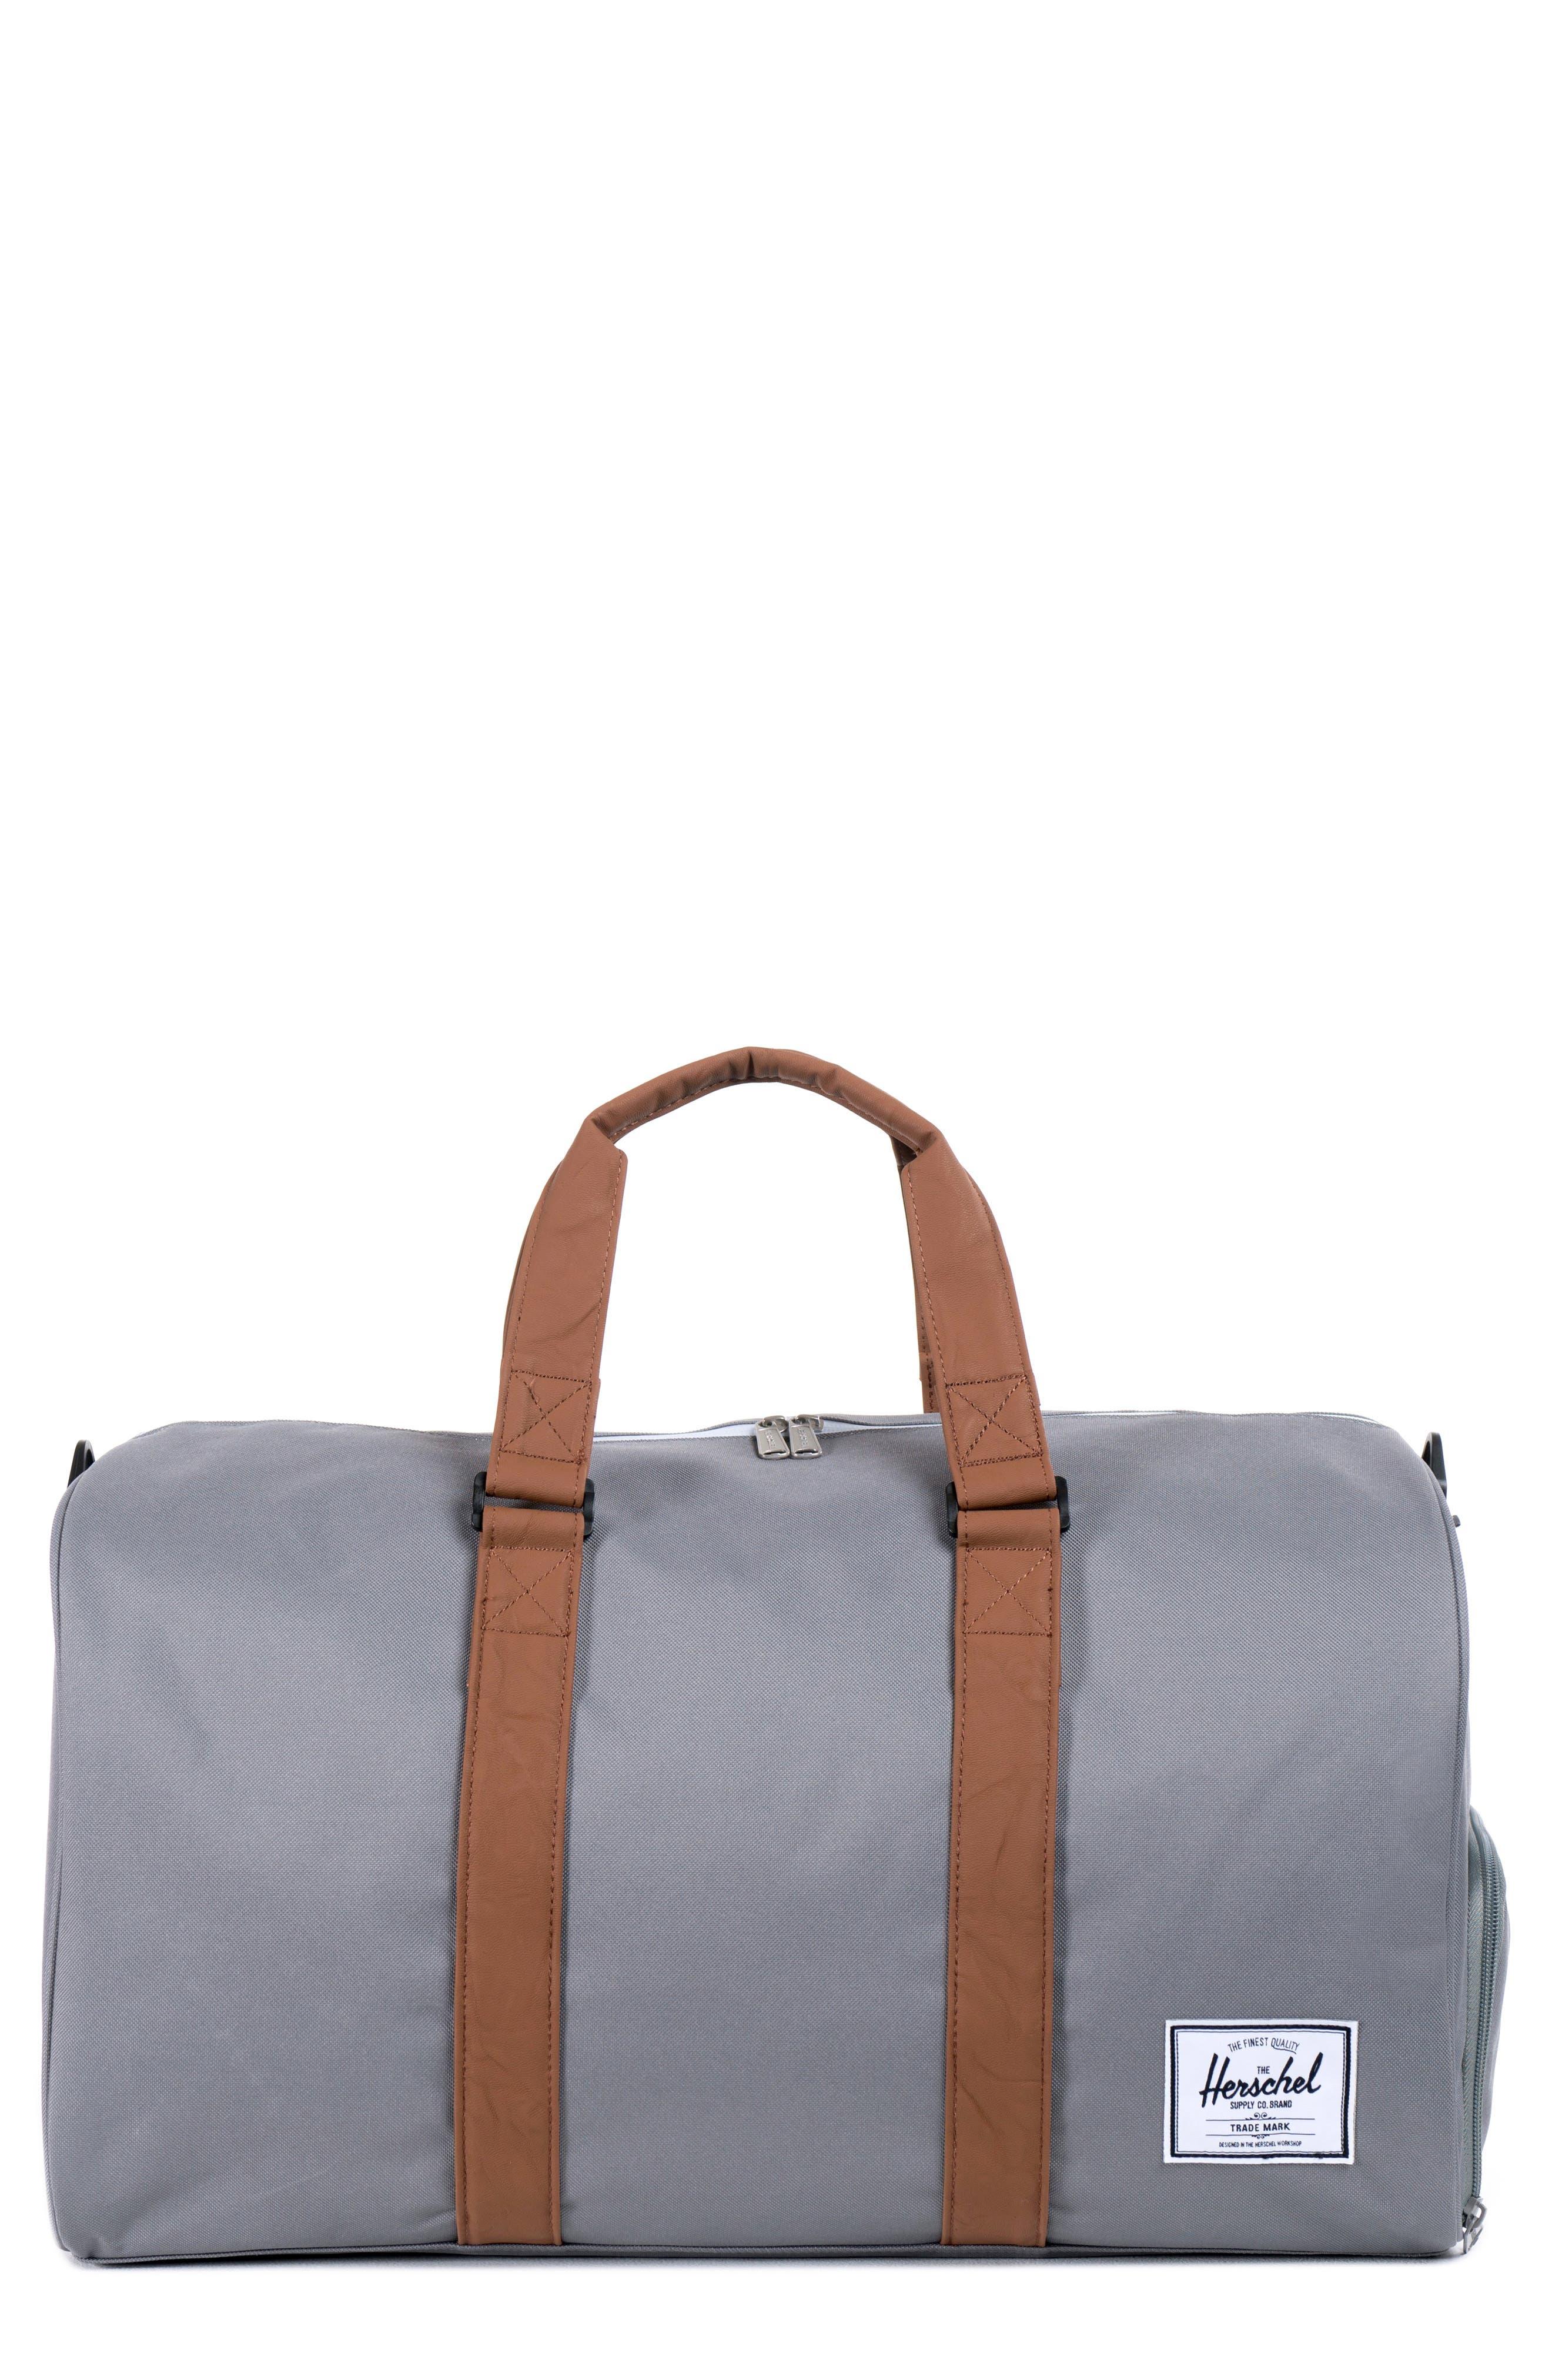 Novel Canvas Duffel Bag,                         Main,                         color, GREY/ TAN